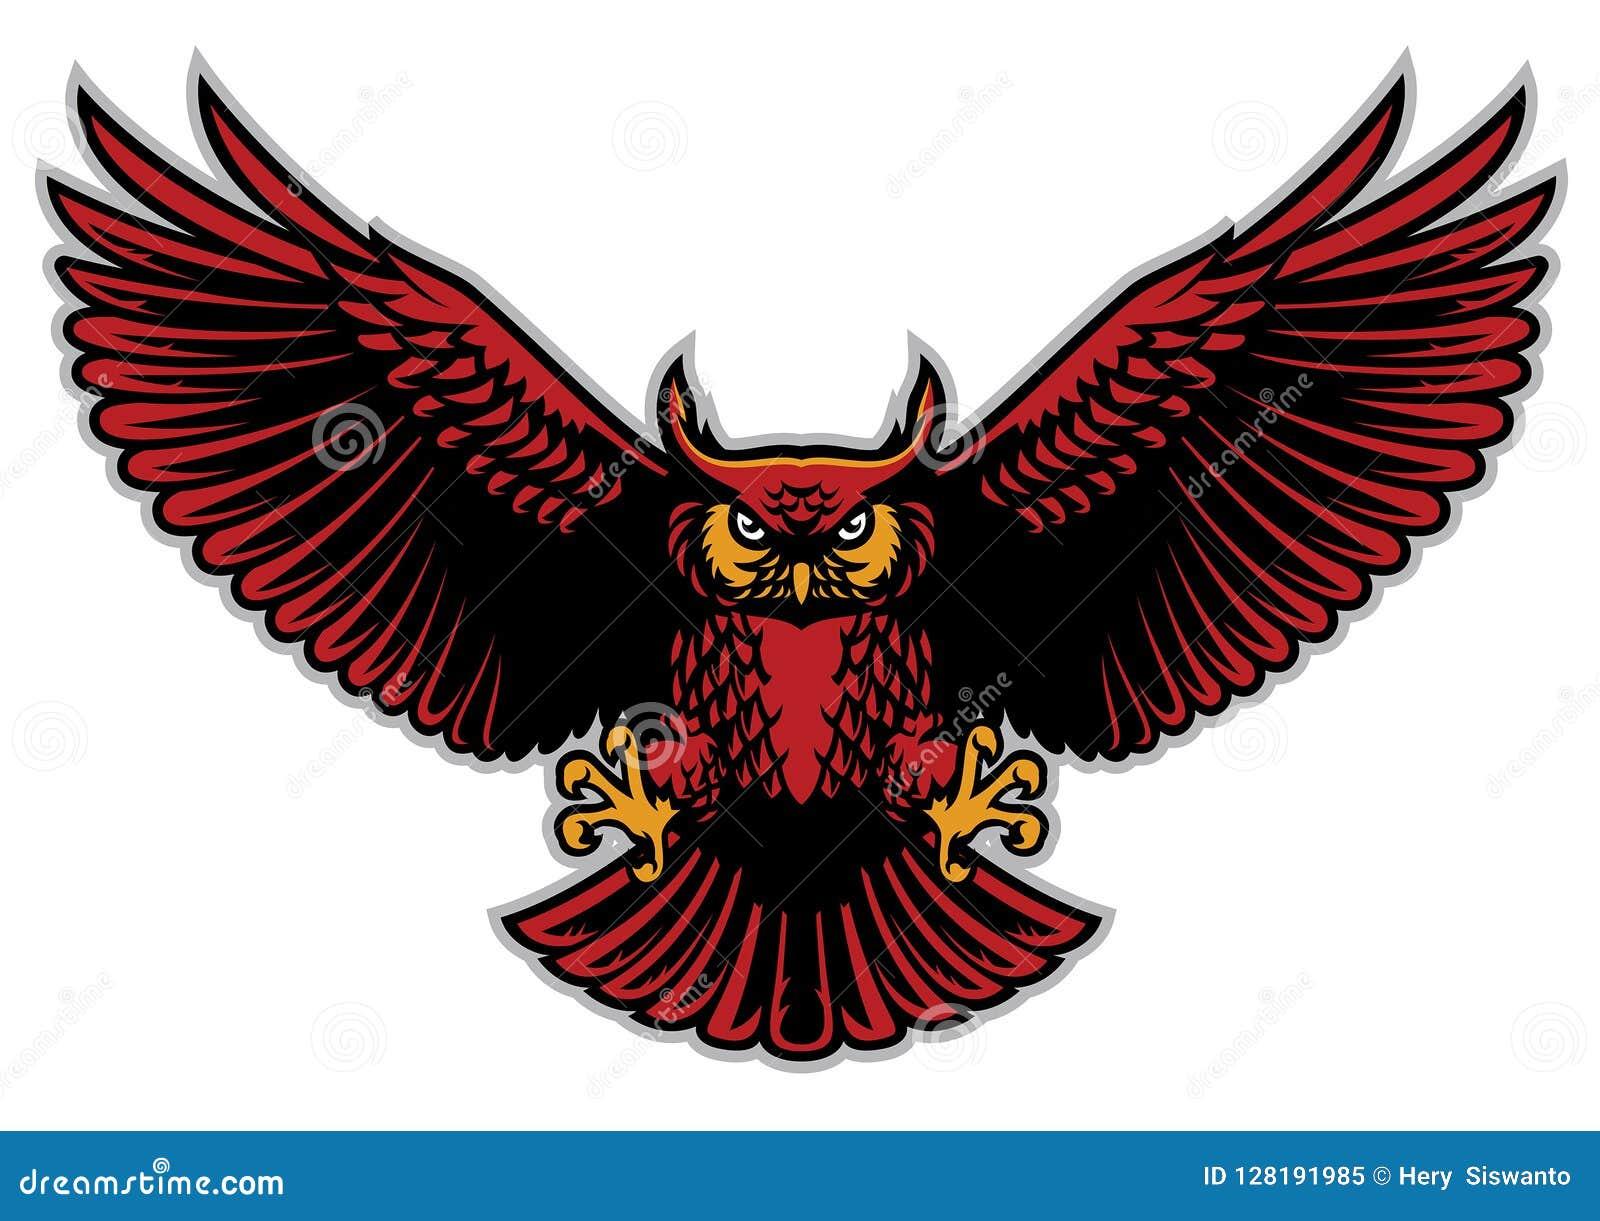 Uil uitgespreide vleugels